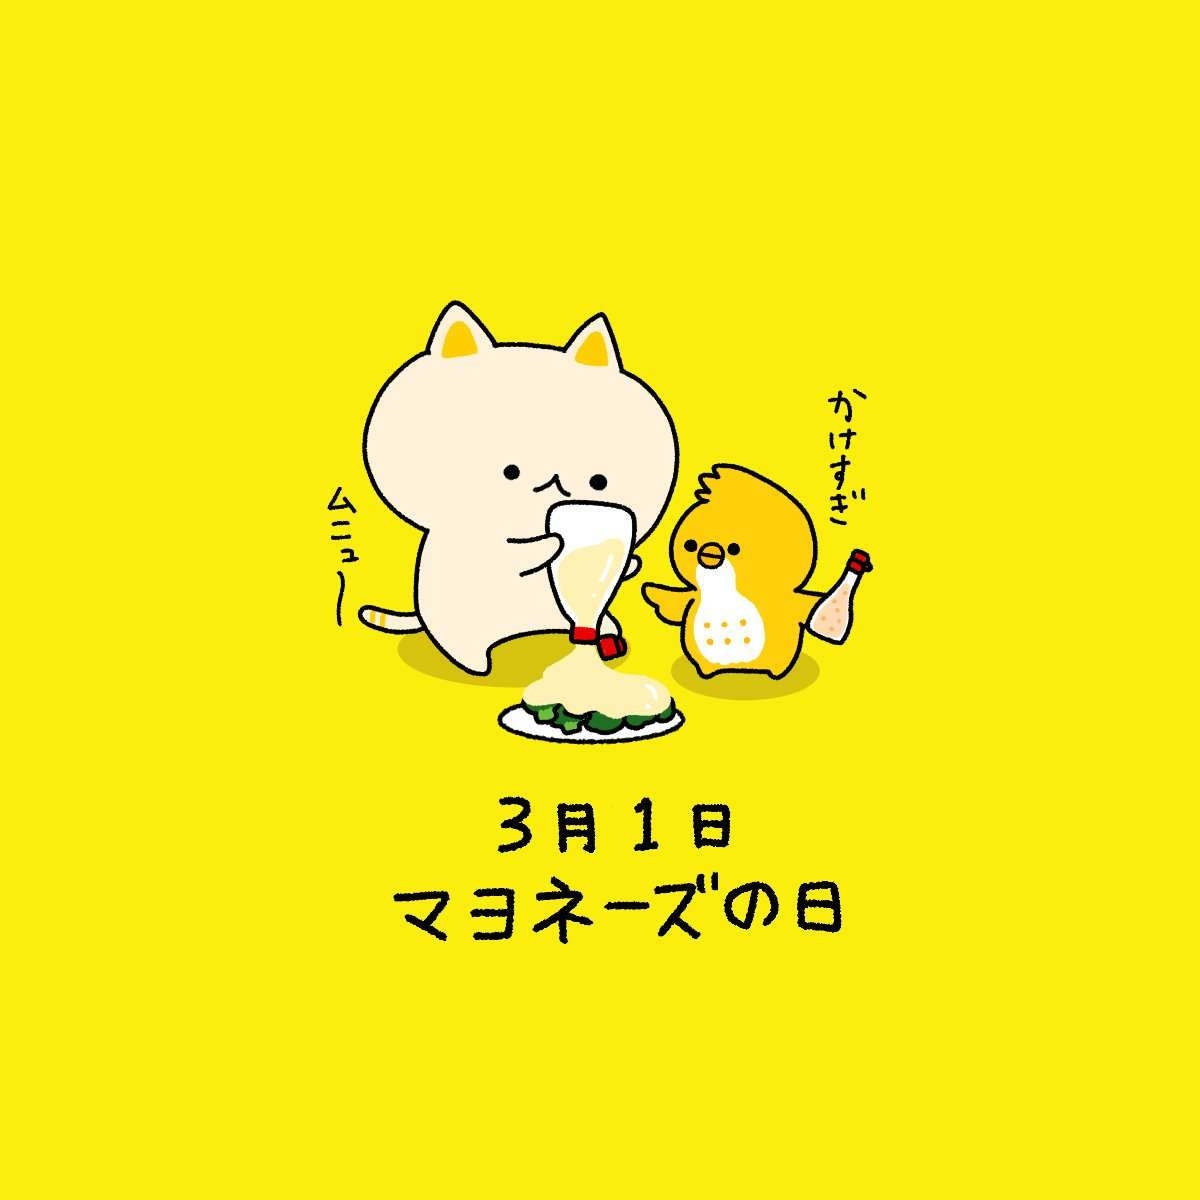 【マヨネーズの日】マヨネーズ好きな人集まれ!